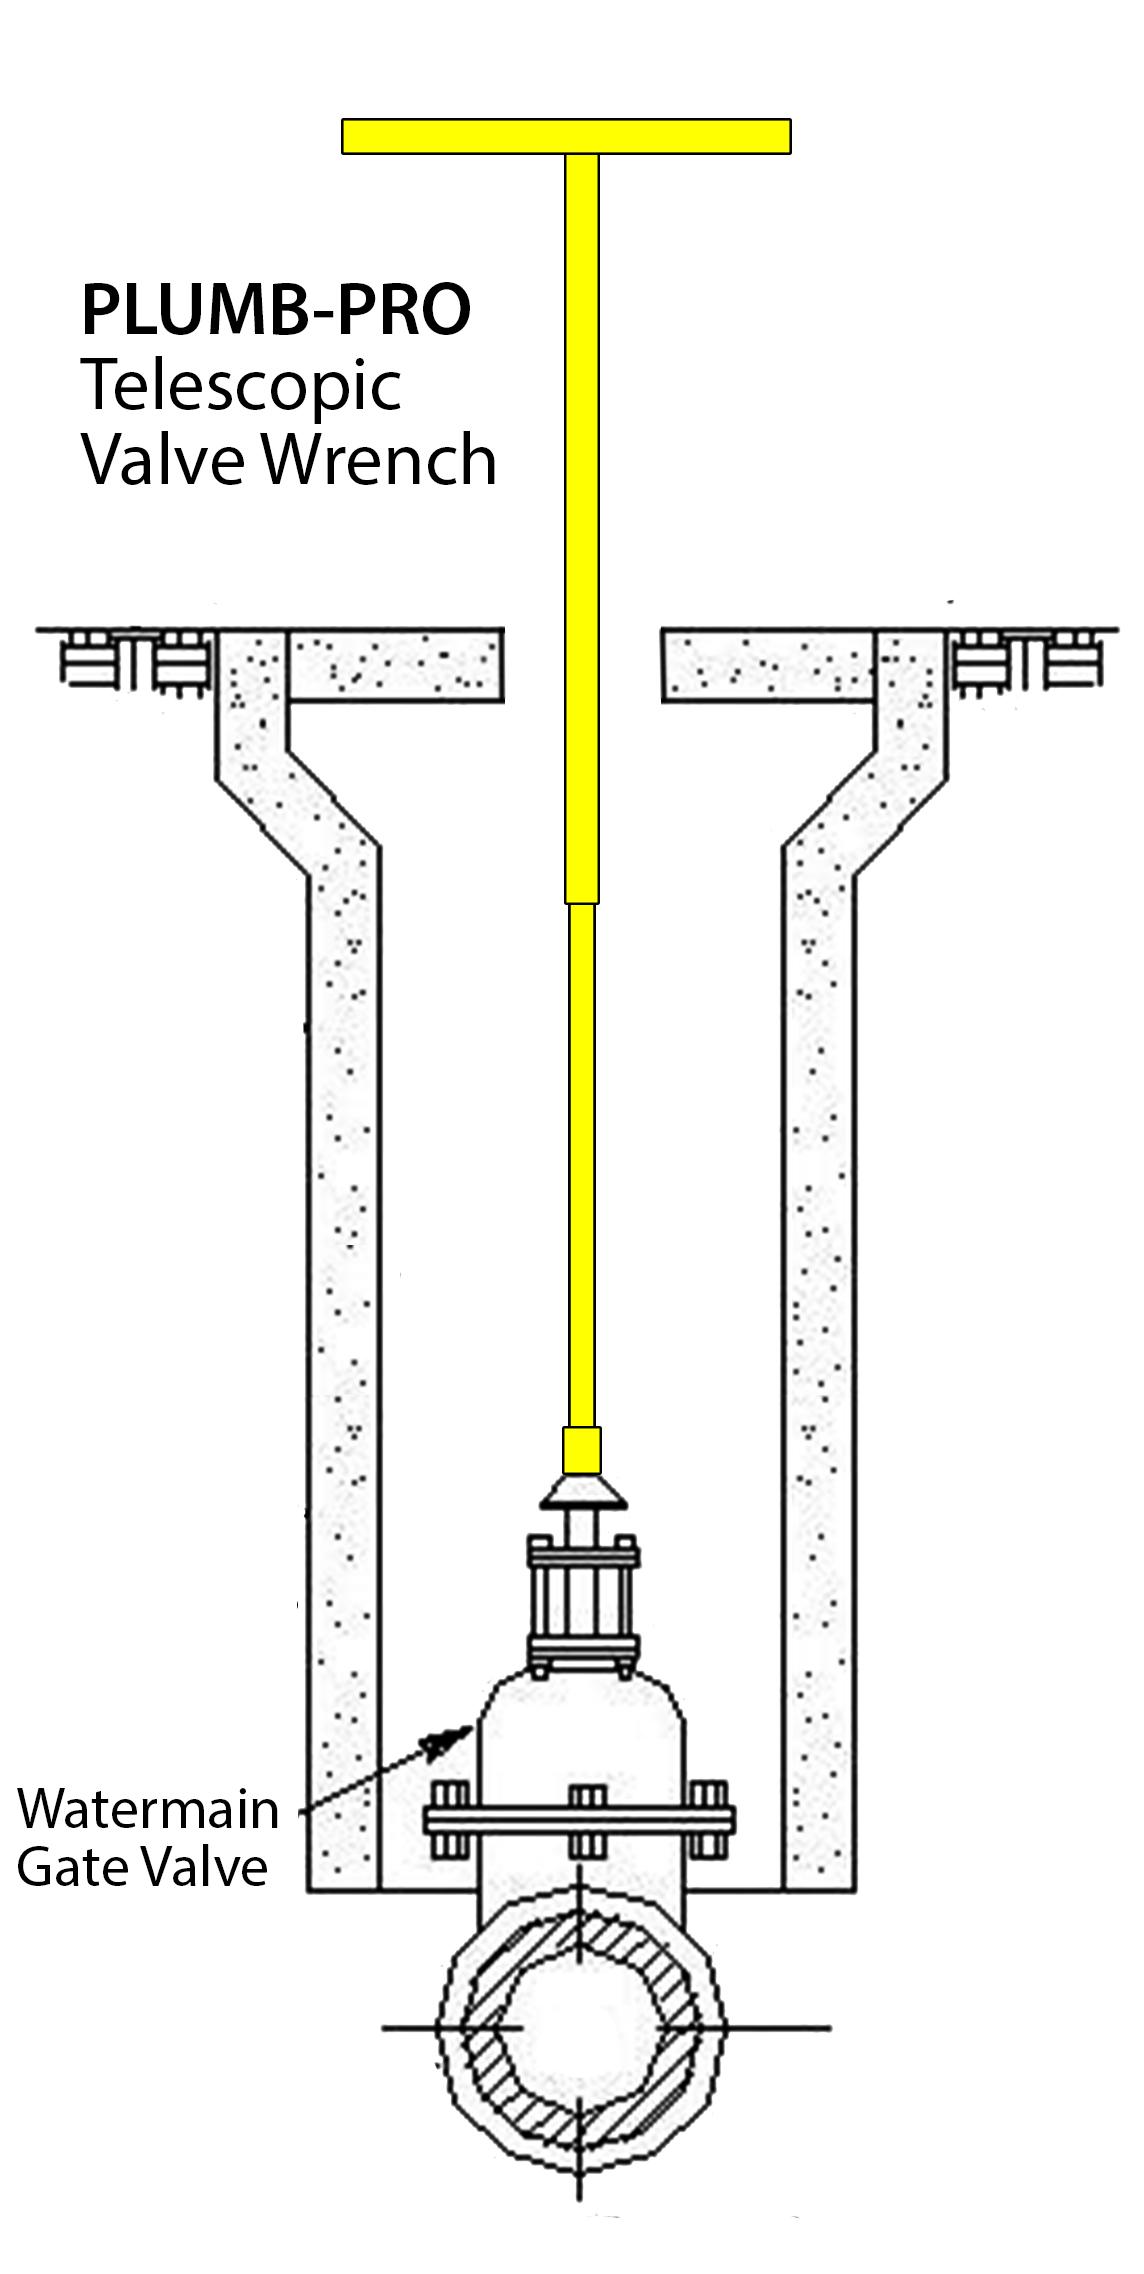 PLUMB-PRO® Telescopic Valve Wrench